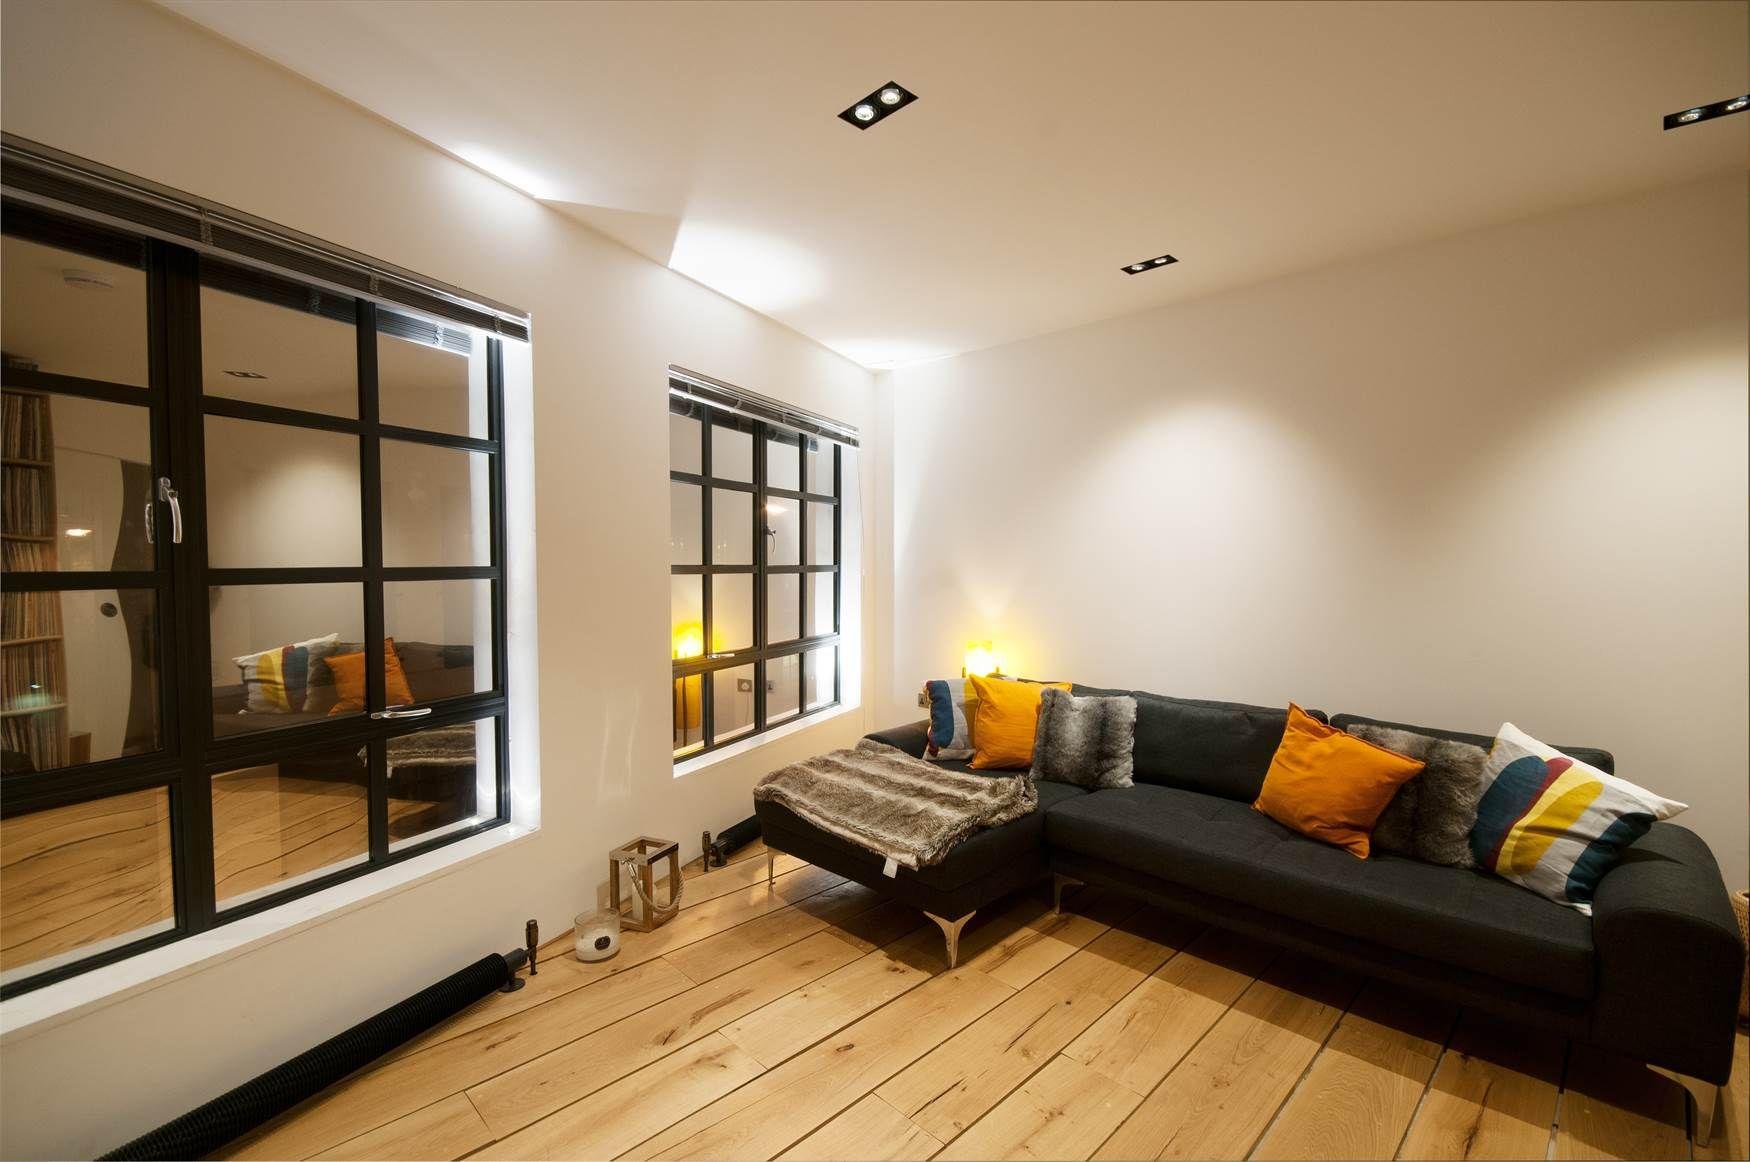 led light lights ceiling living new best room fresh lamp aftu elegant infinity for speakers and of